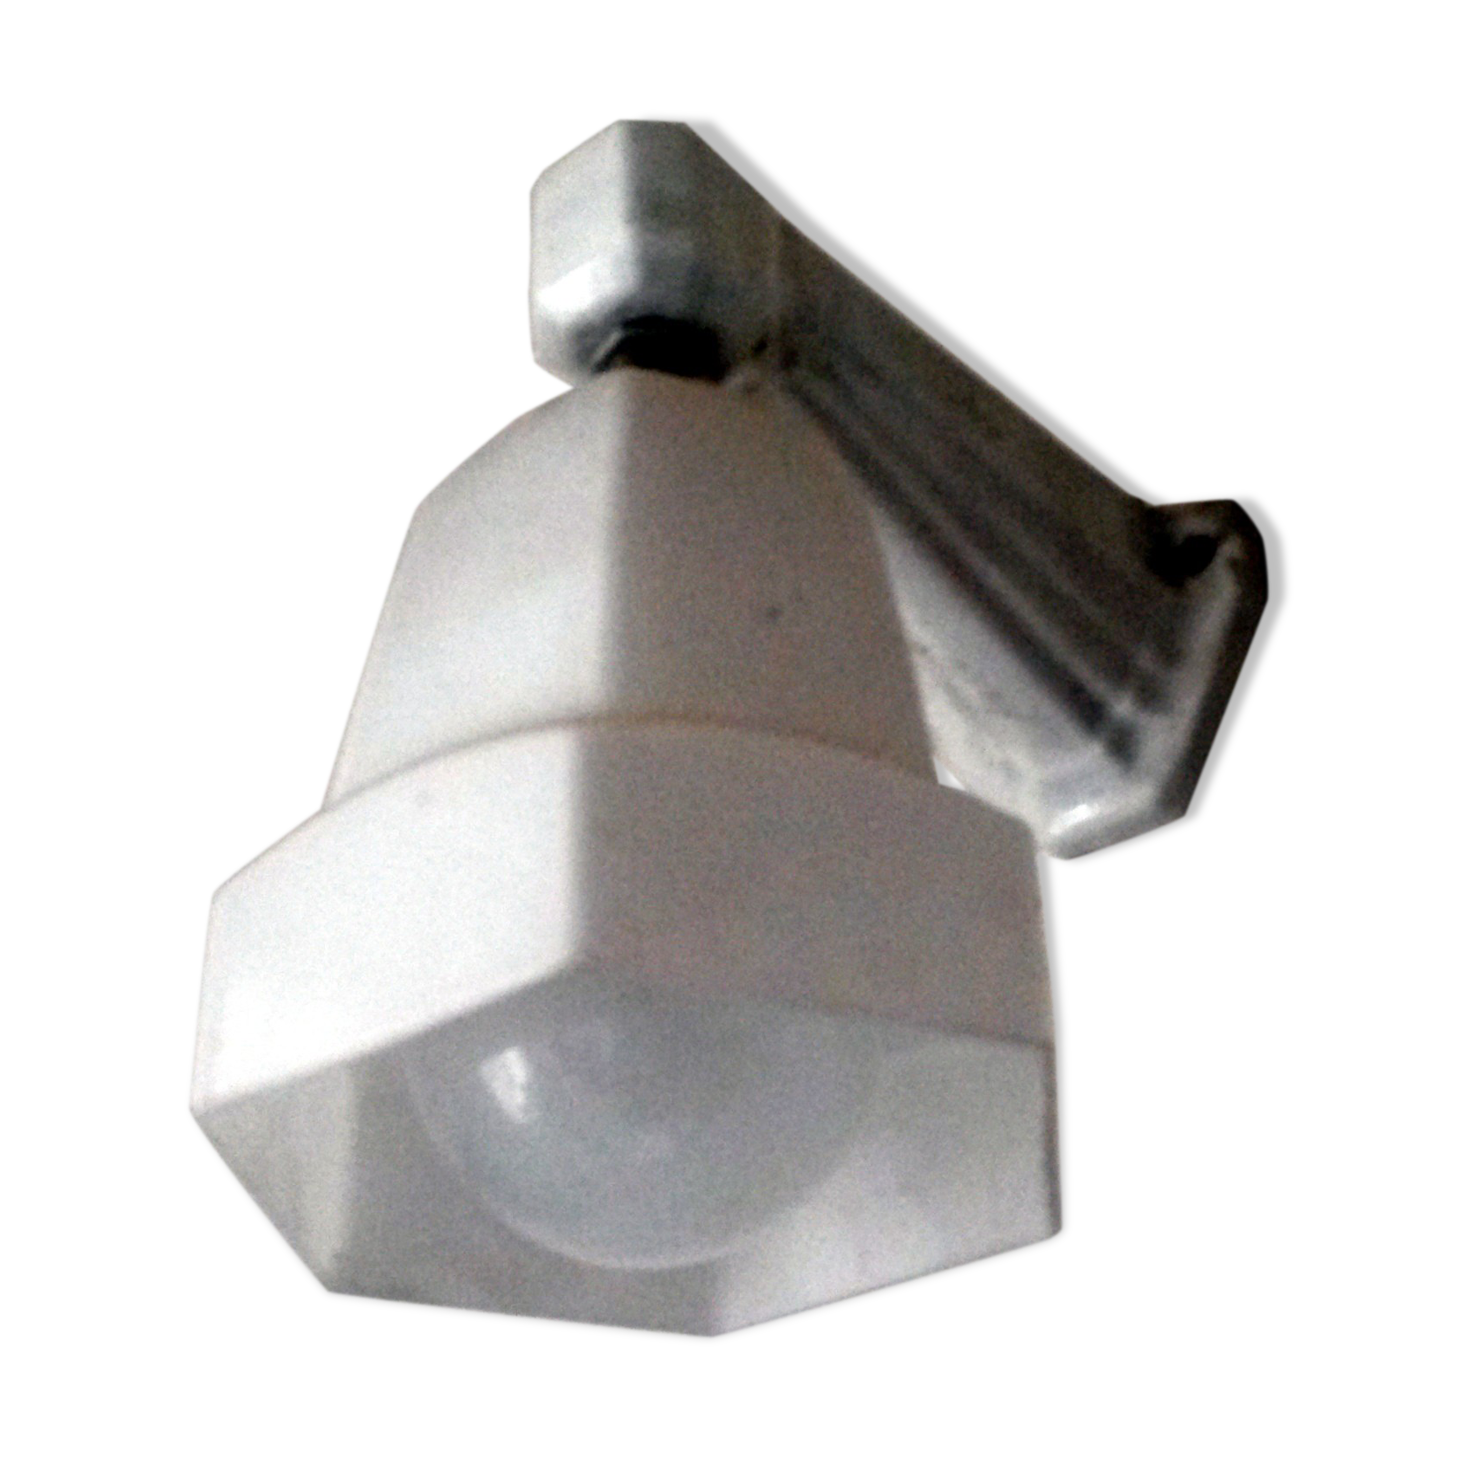 Applique salle de bain porcelaine opaline céramique